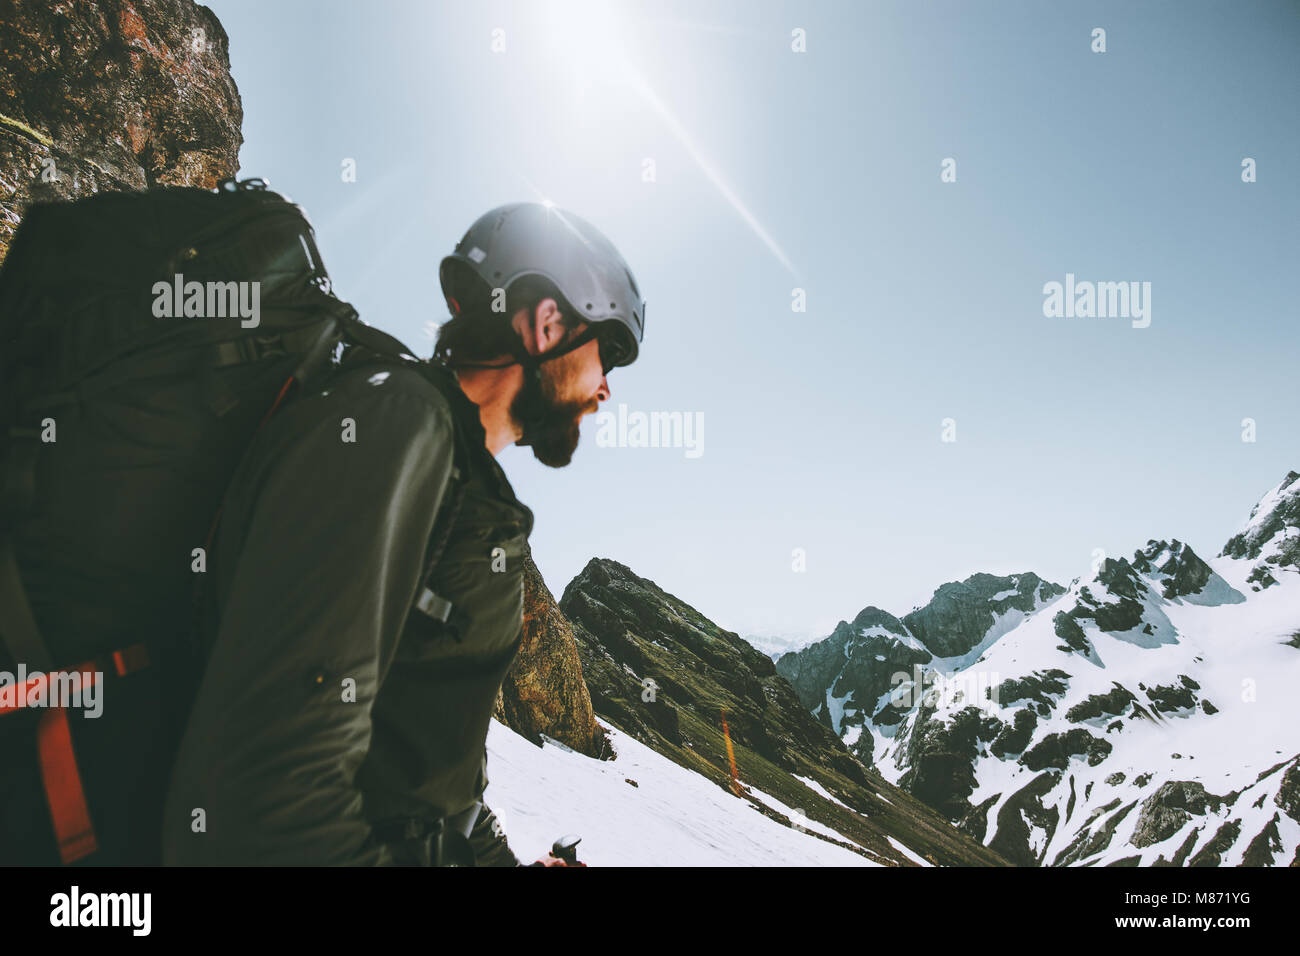 L'uomo avventuriero salendo sulla cima della montagna Viaggi avventura concetto lifestyle outdoor attivo vacanze Immagini Stock